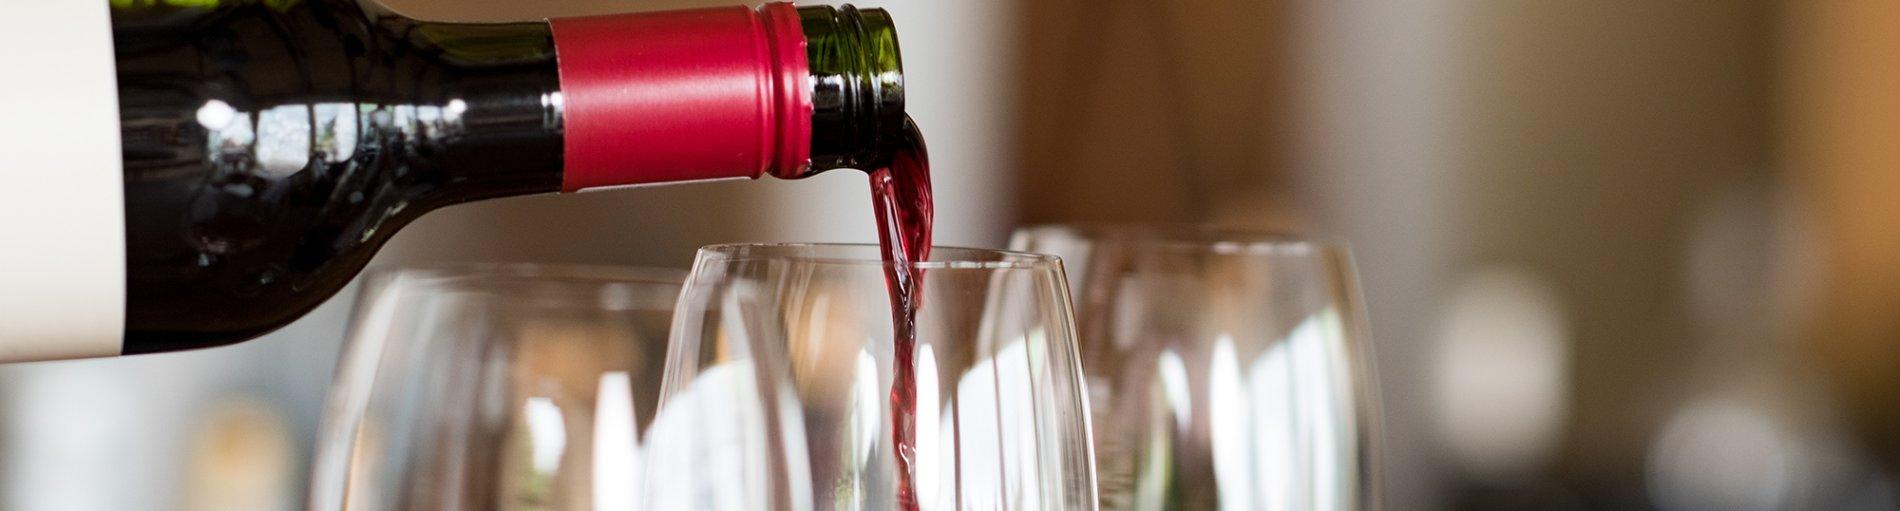 Drei gefüllte Weingläser, eine Flasche gießt Rotwein in eines der Gläser.